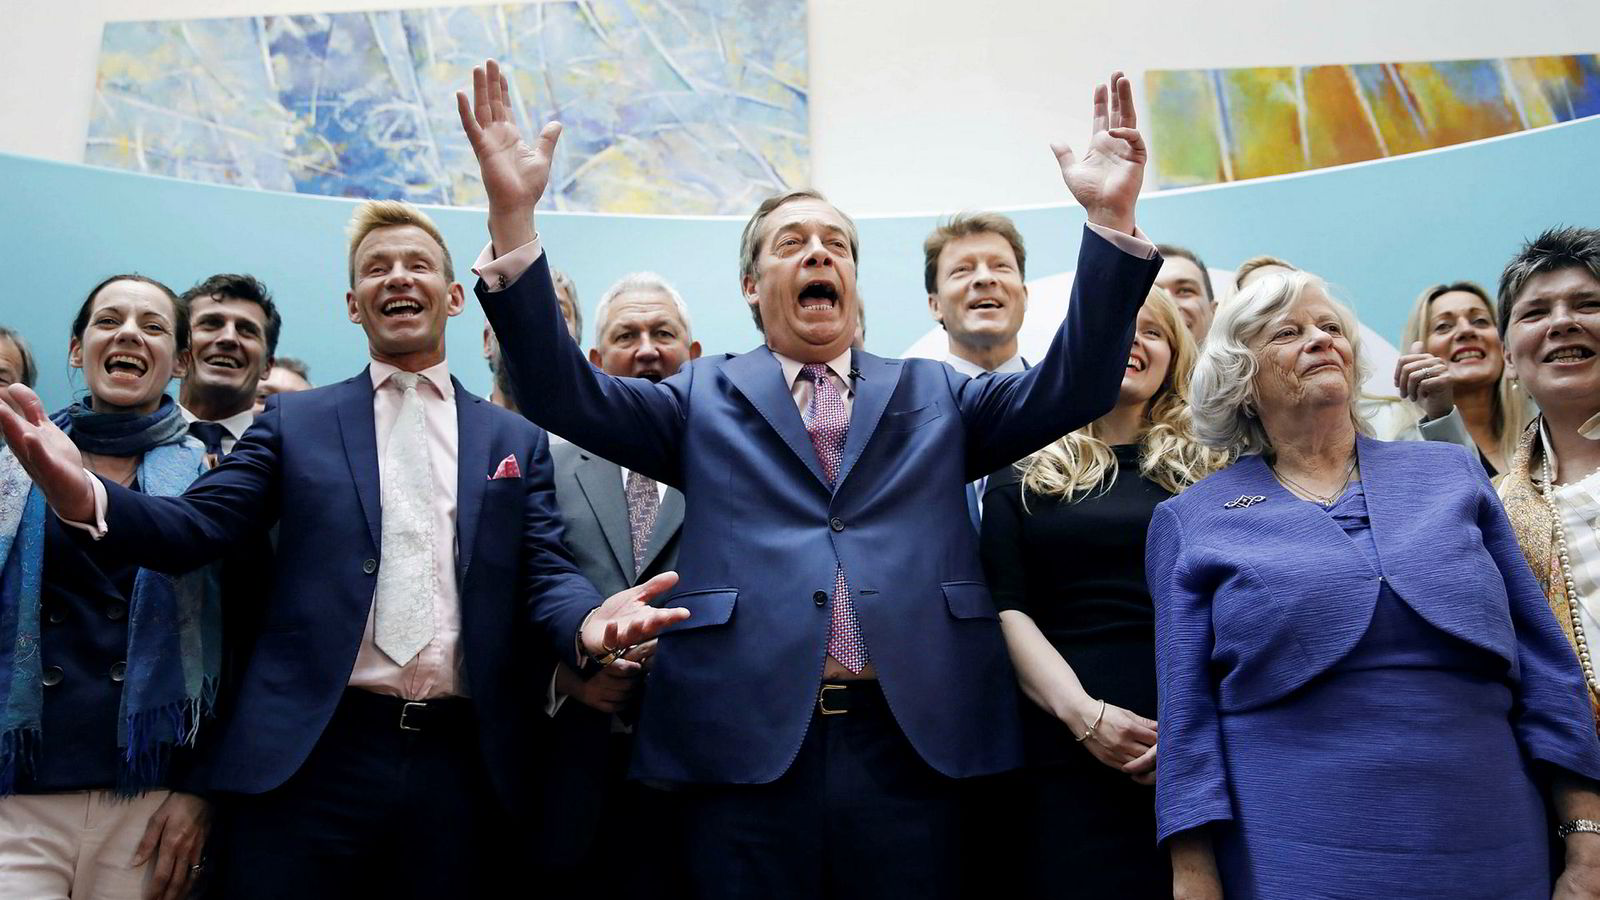 Brexit Party-leder Nigel Farage (midten) jubler etter valget i Europaparlamentet, et valg som aldri skulle ha funnet sted.